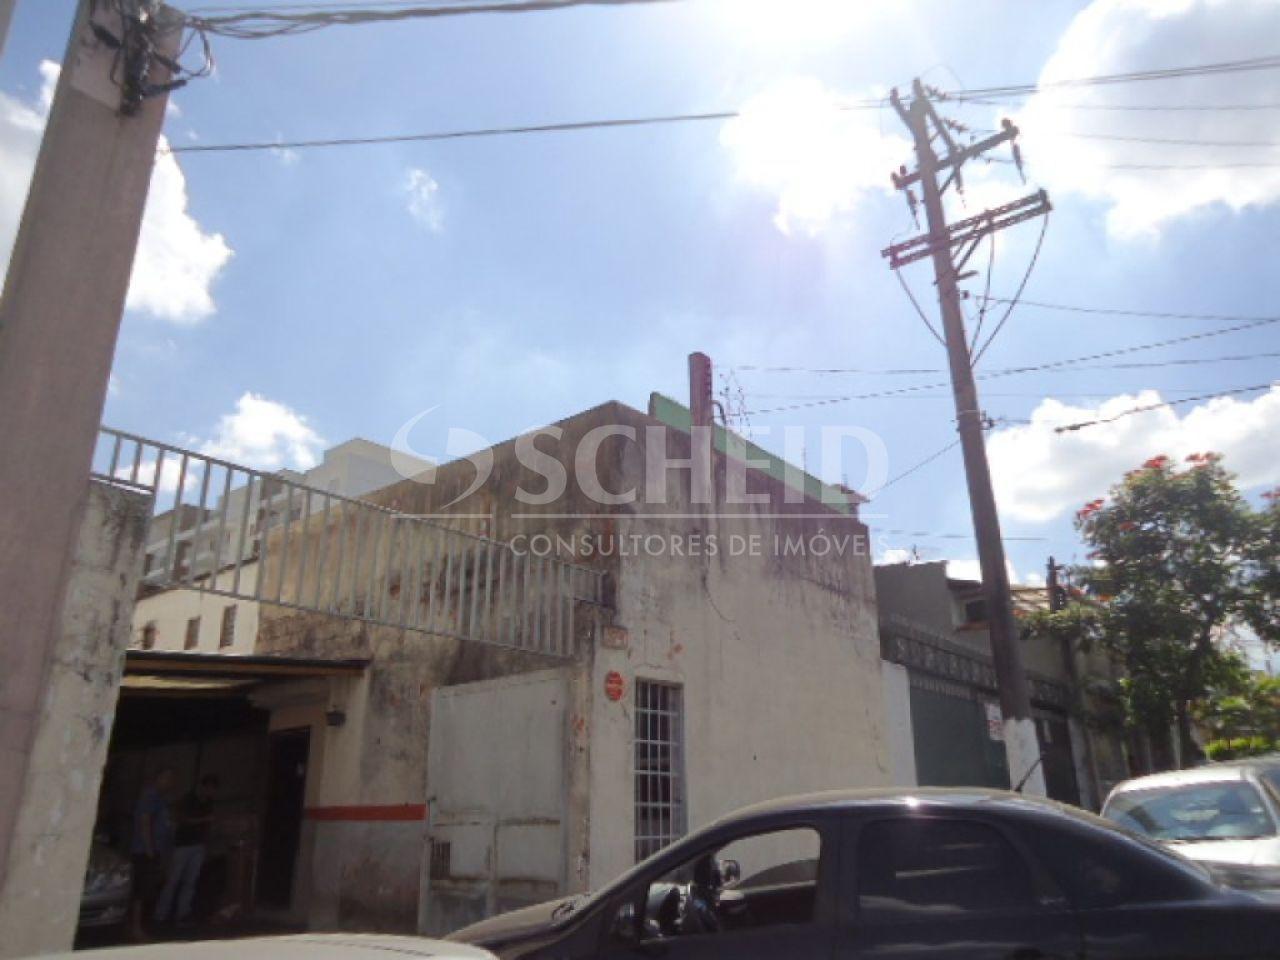 Galpão/depósito/armazém em Vila Santa Catarina, São Paulo - SP